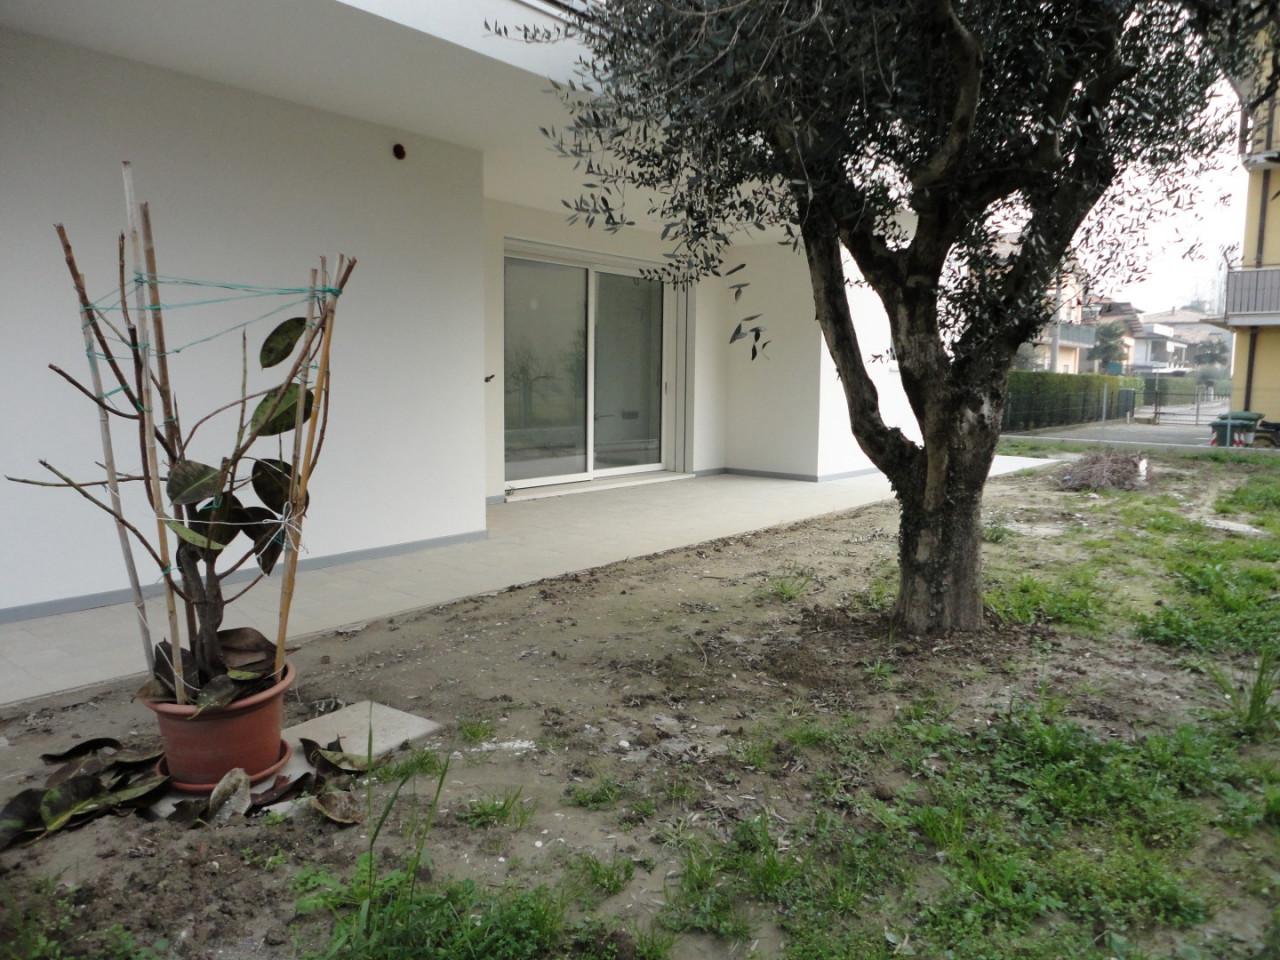 Rif C502 - Nuovo duplex tricamere con giardino a Selvazzano https://media.gestionaleimmobiliare.it/foto/annunci/200121/2132331/1280x1280/3_piano_terra__large.jpg